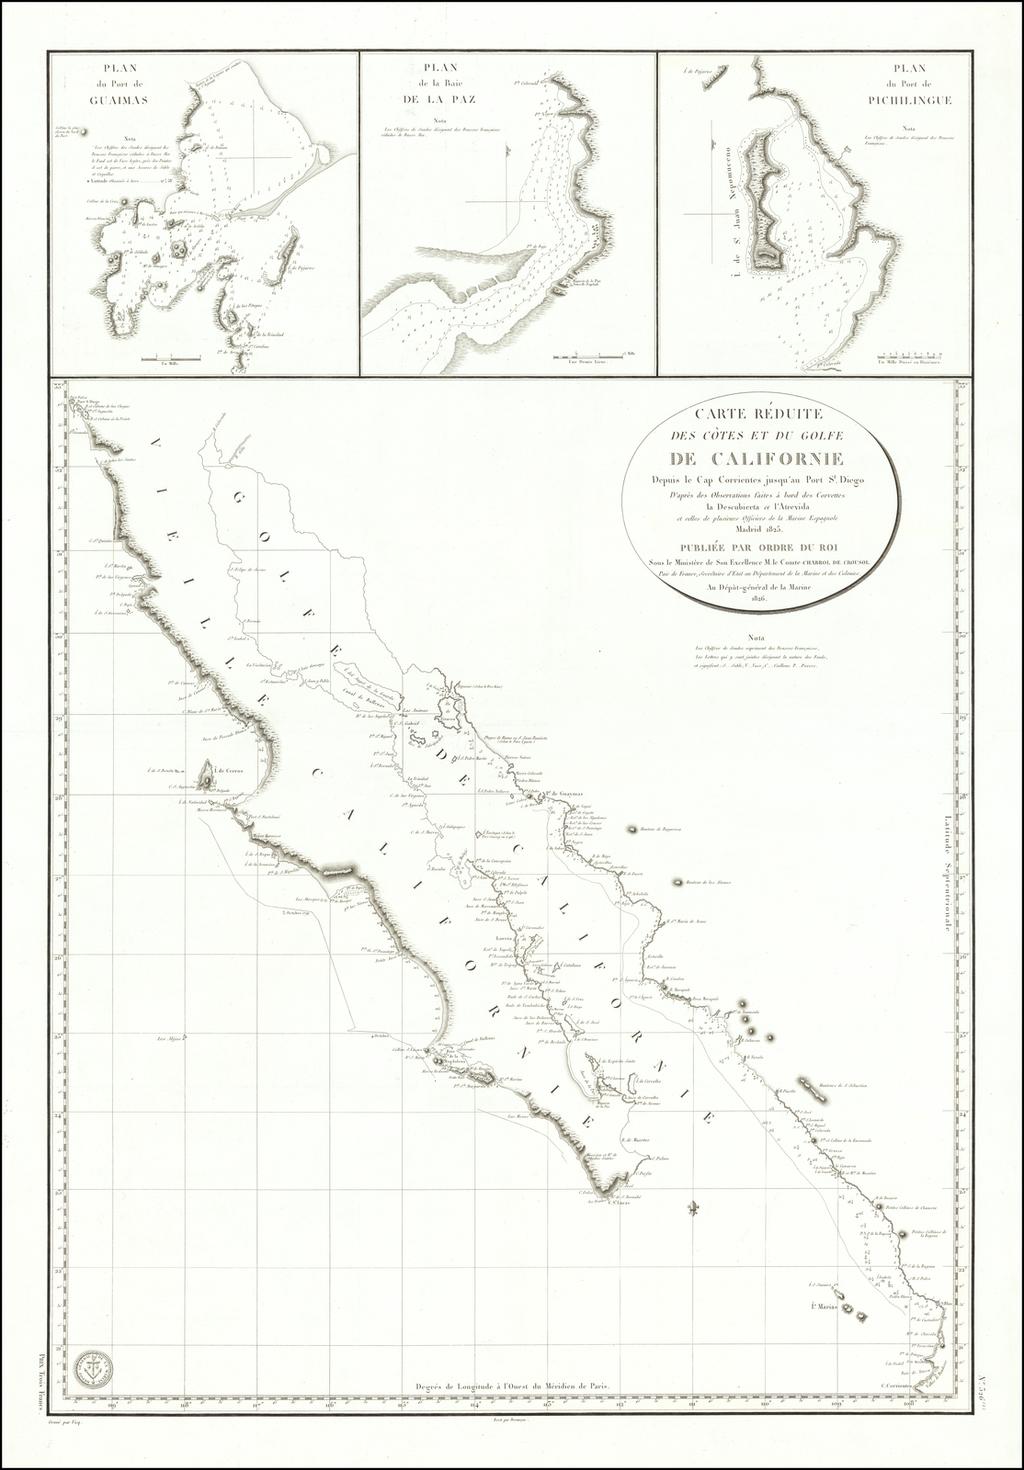 Carte Reduite Des Cotes et du Golfe De Californie Depis le Cap Corrientes jusqu'au Port St. Diego . . . 1826 By Depot de la Marine